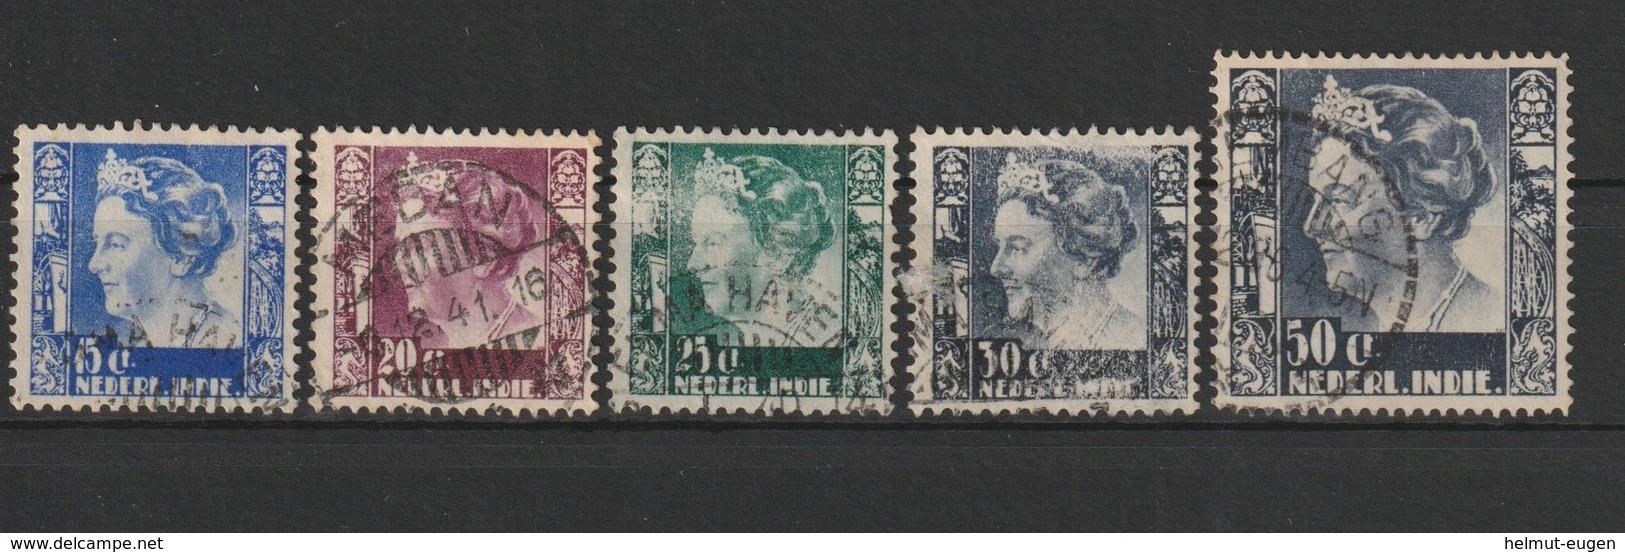 MiNr. ??? Niederländisch-Indien 1914/1915. Freimarken: Königin - Niederländisch-Indien